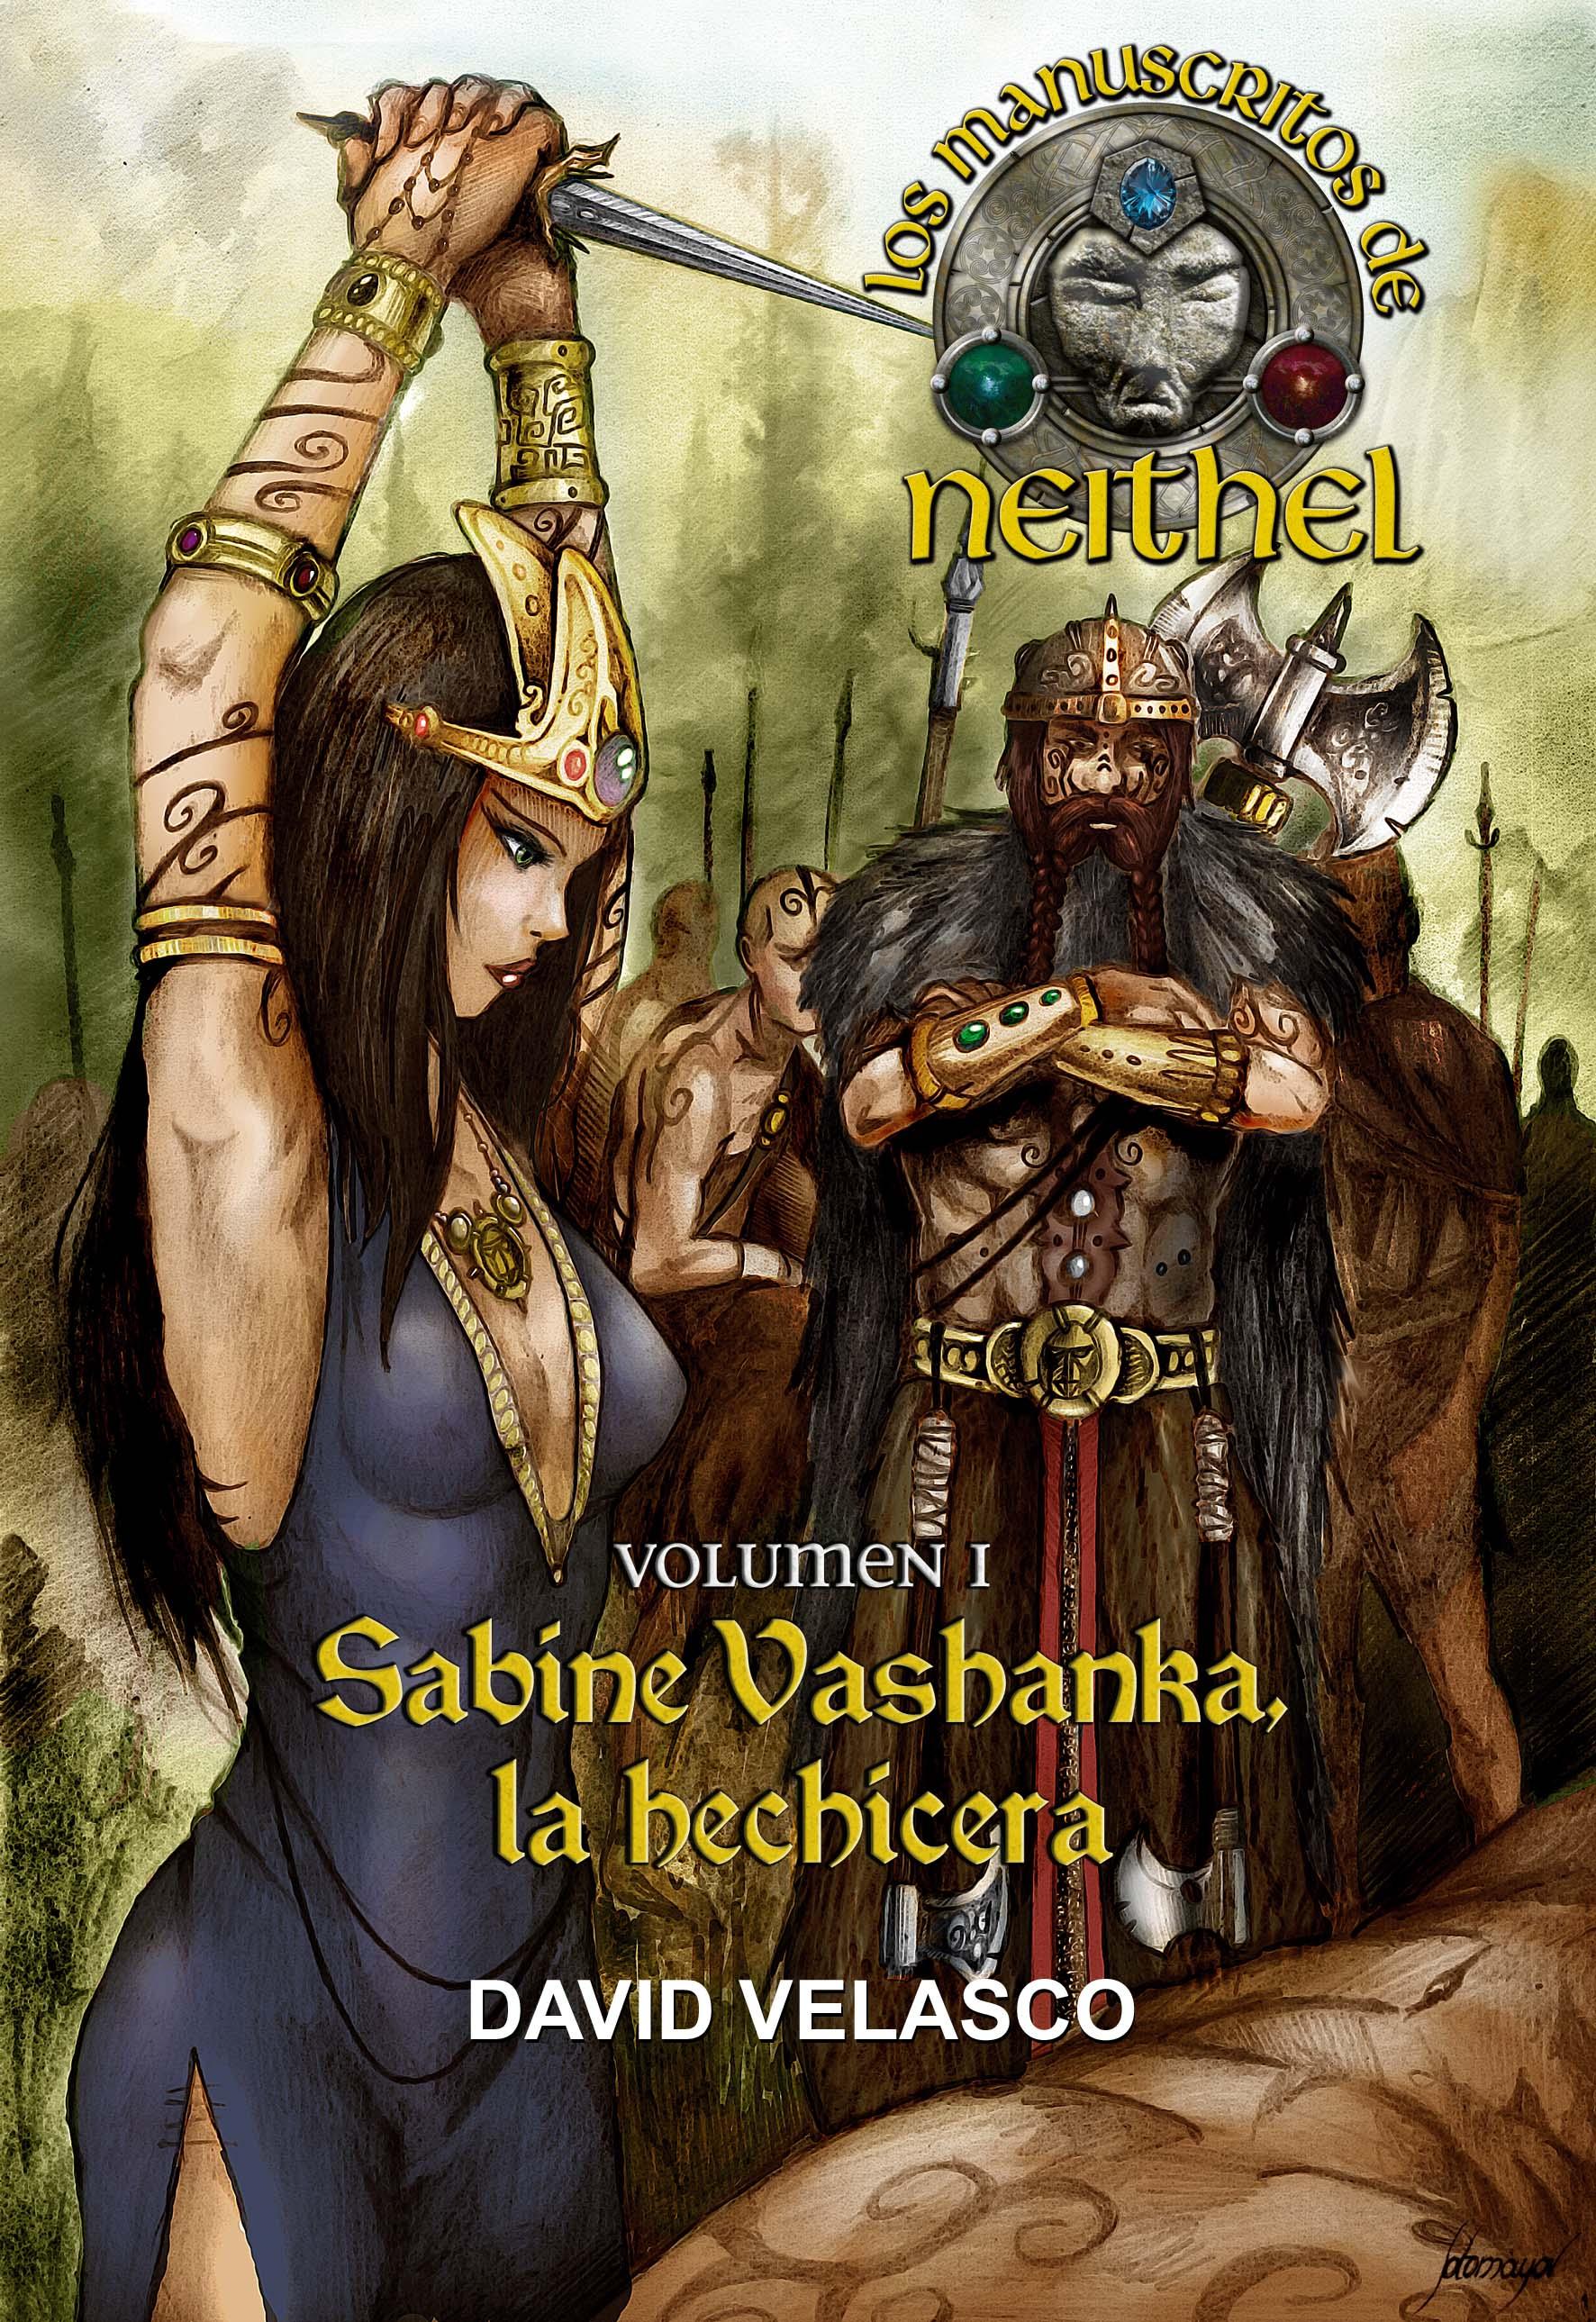 Los Manuscritos de Neithel, volumen I